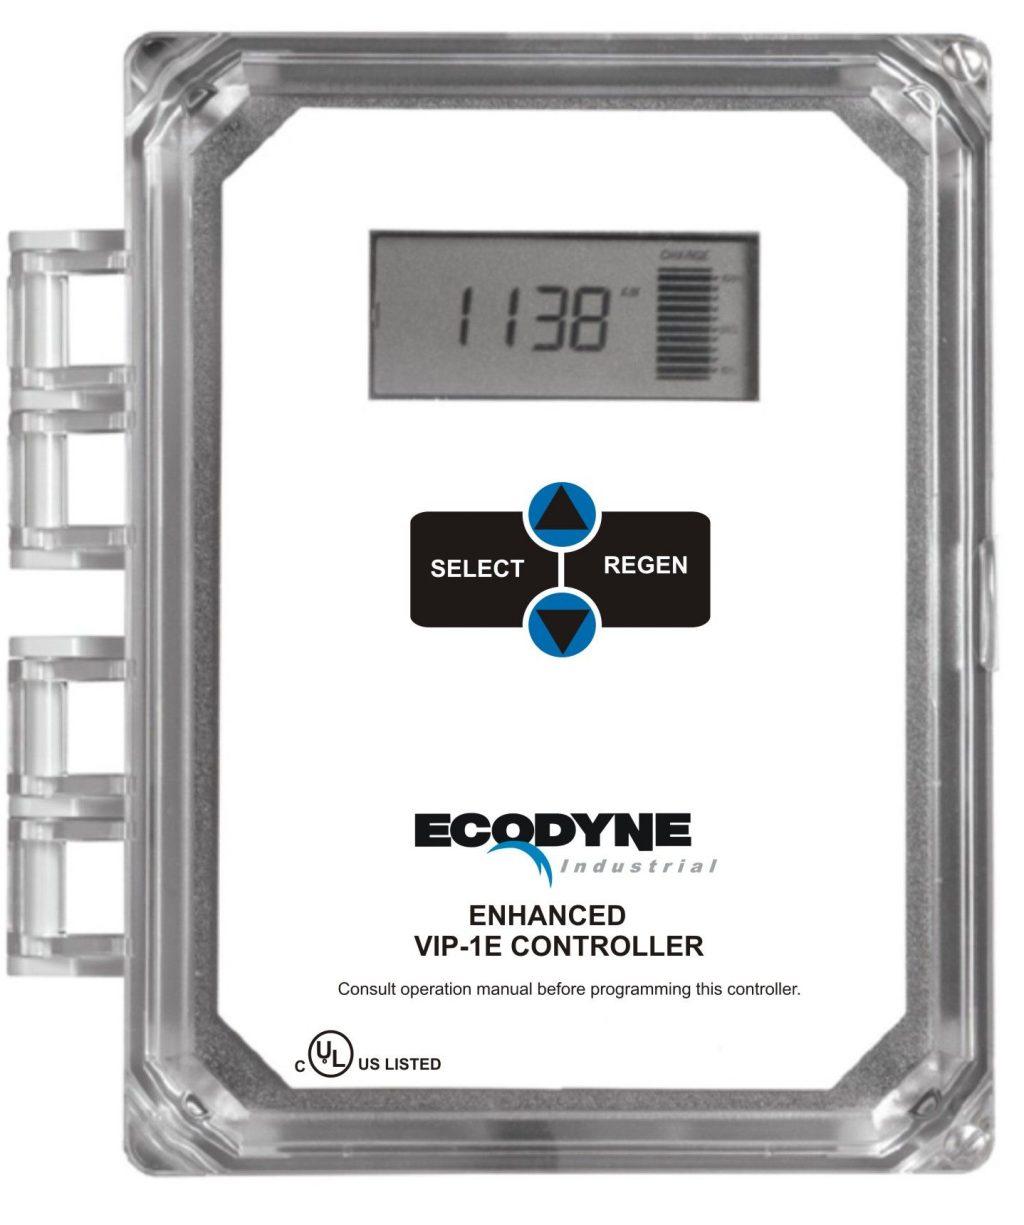 Ecodyne.jpg